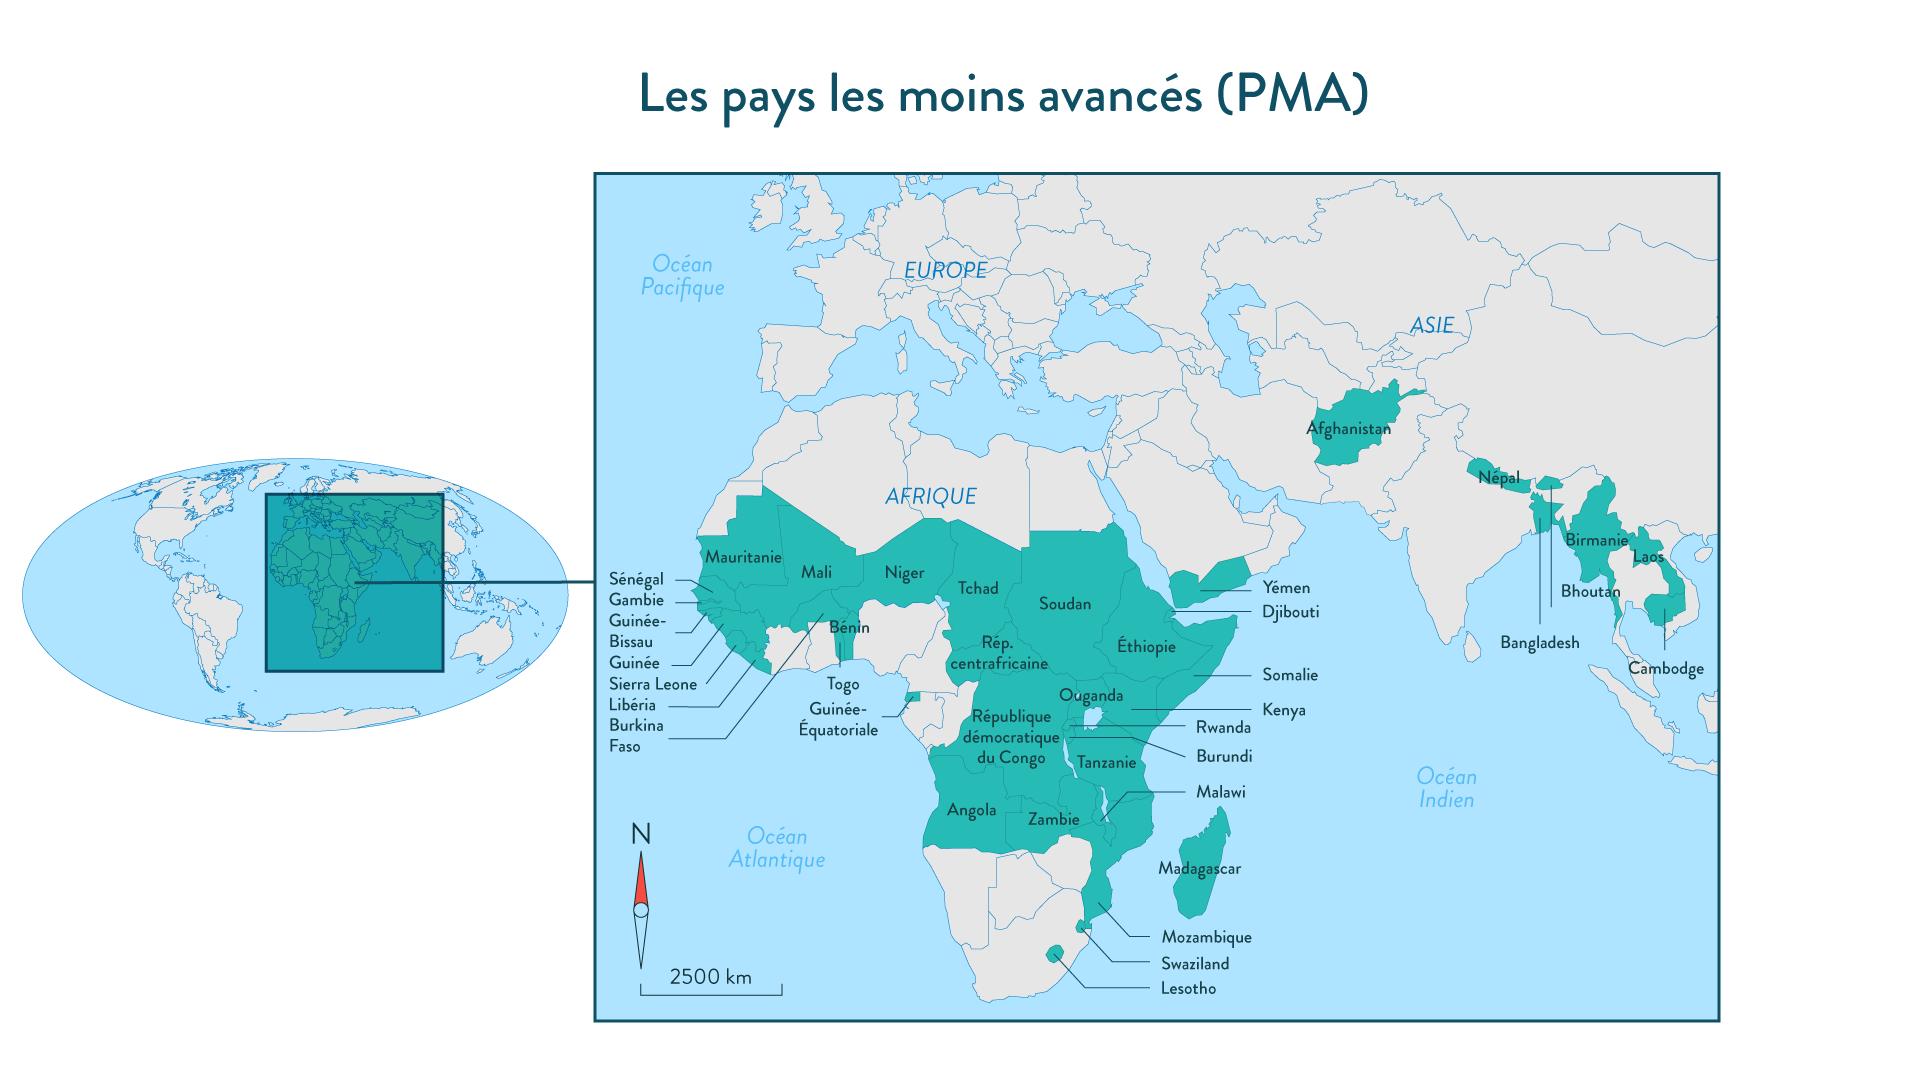 Les pays les moins avancés (PMA) géographie cinquième